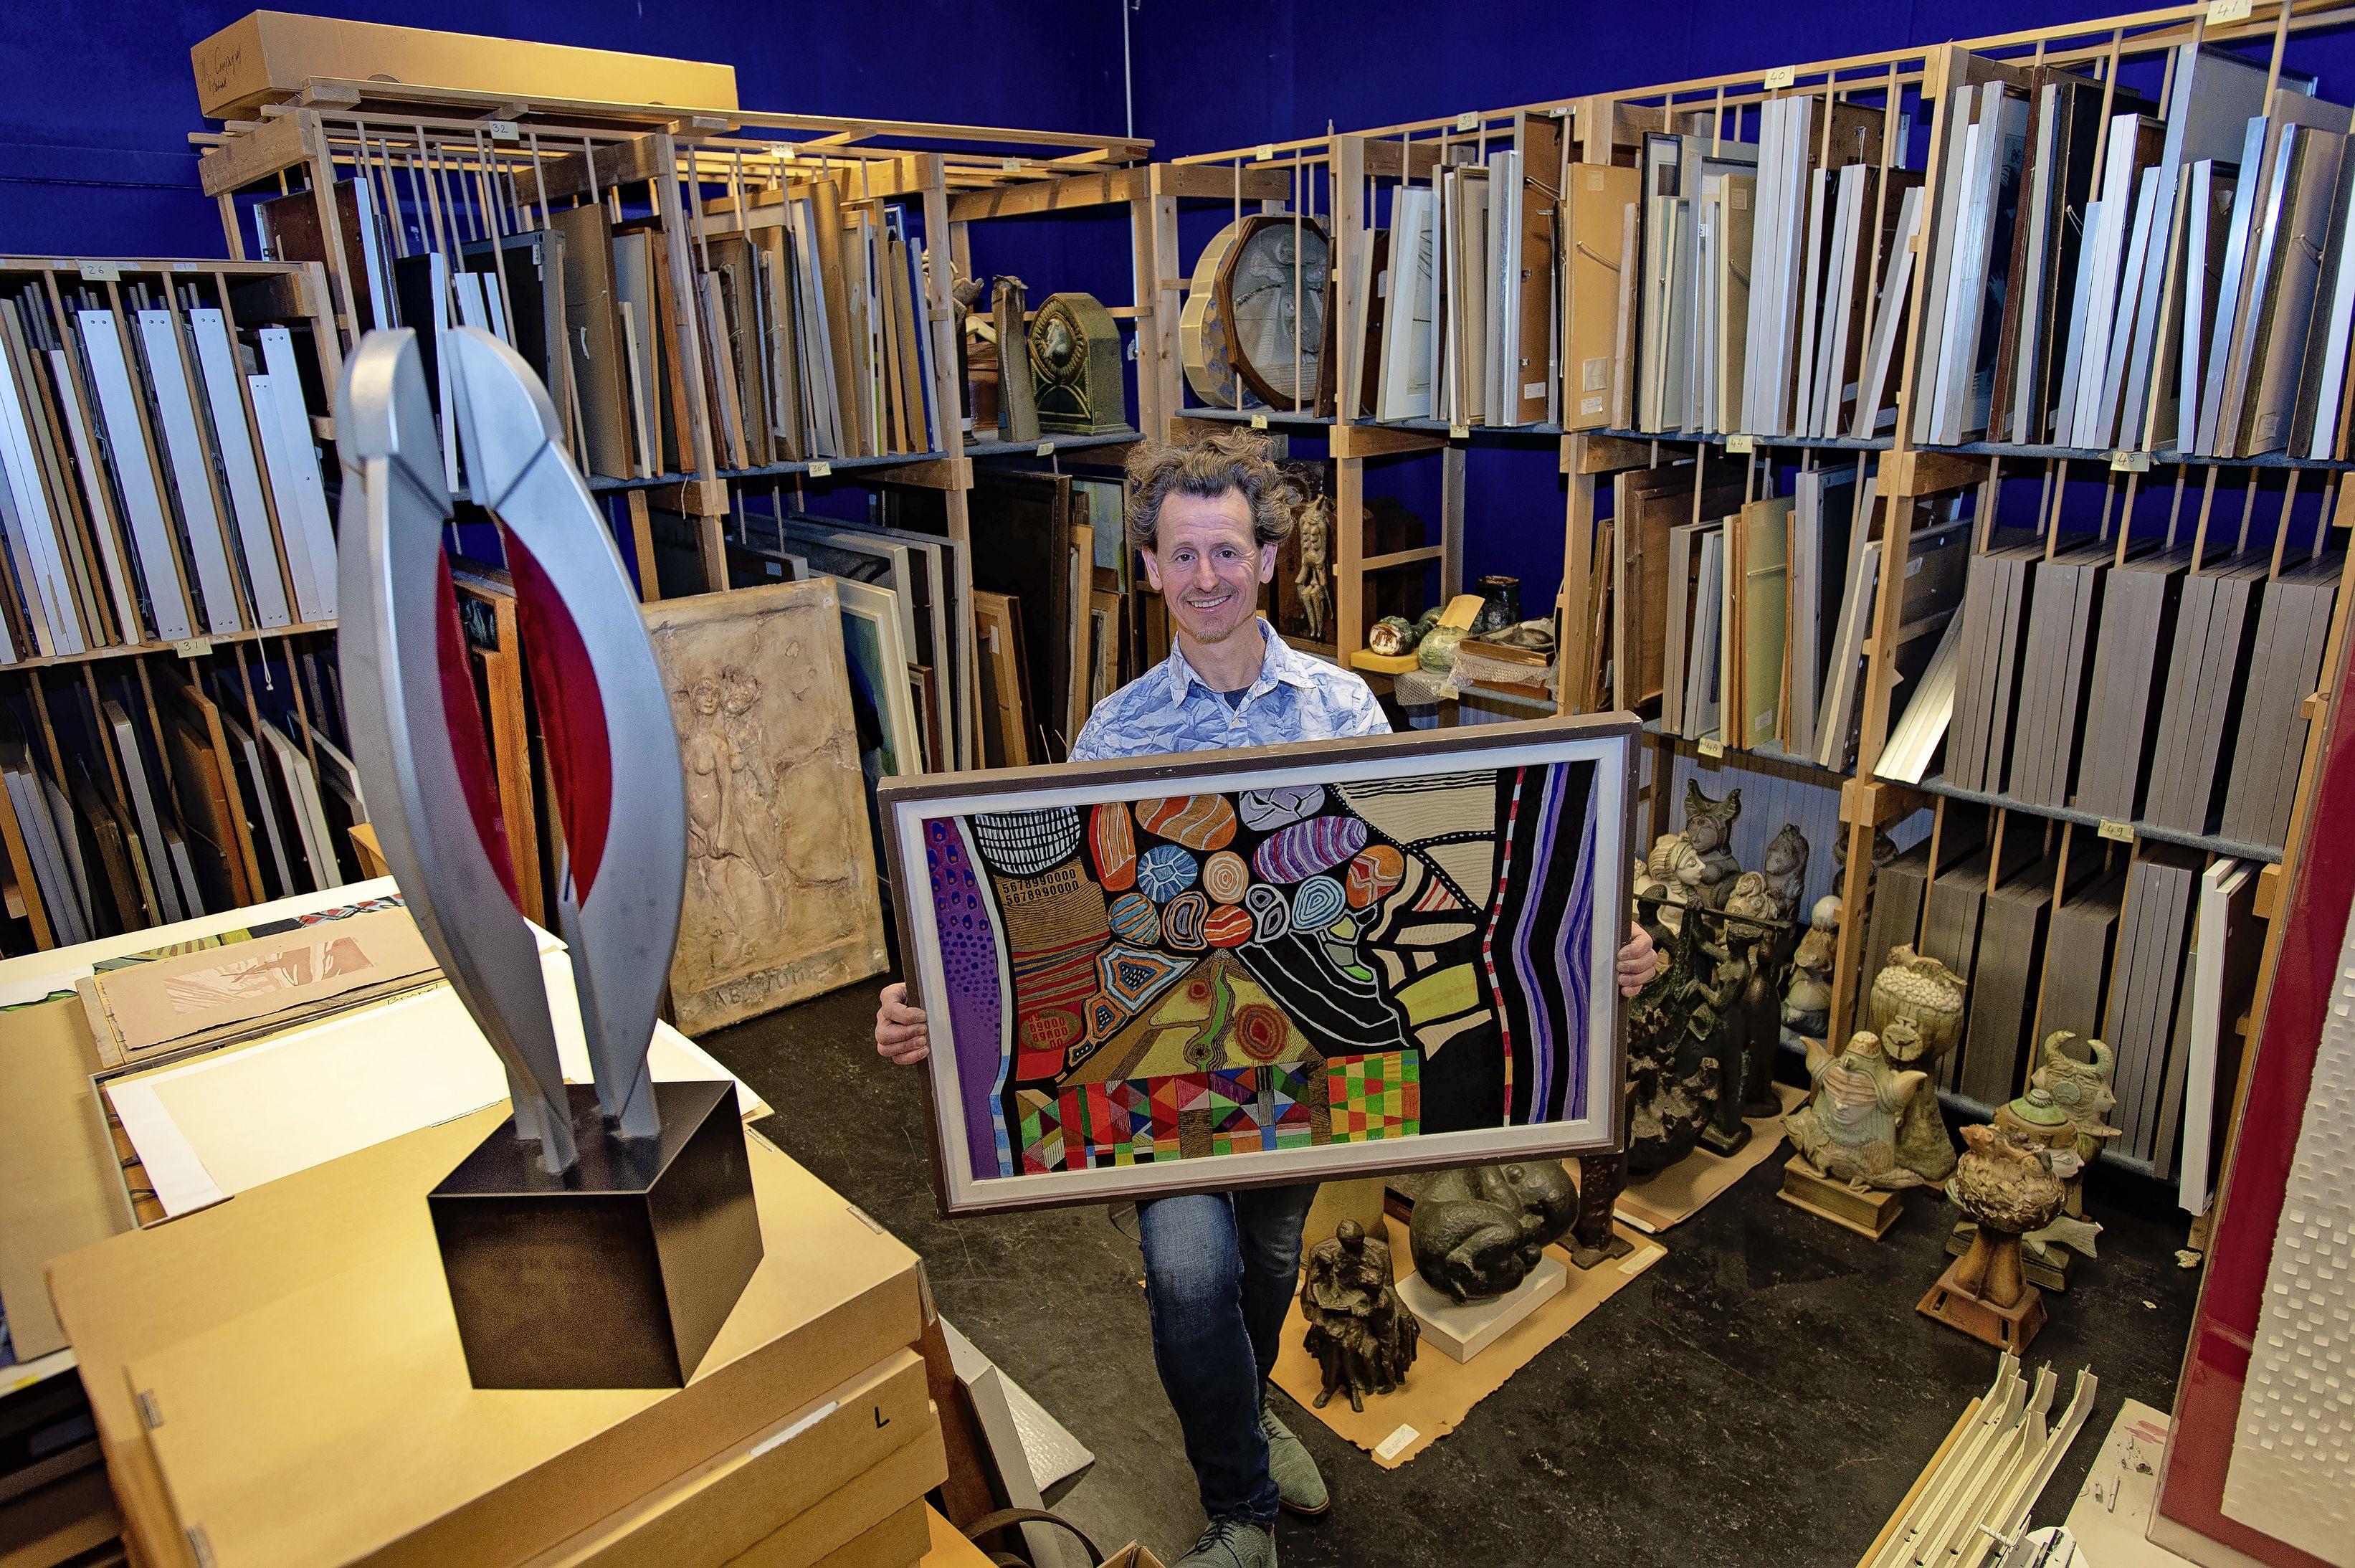 Gemeente Zaanstad moet na jaren afstand doen van elfhonderd opgeslagen kunstwerken: 'Kunstenaars kunnen de werken terugkopen, de rest verkopen we'